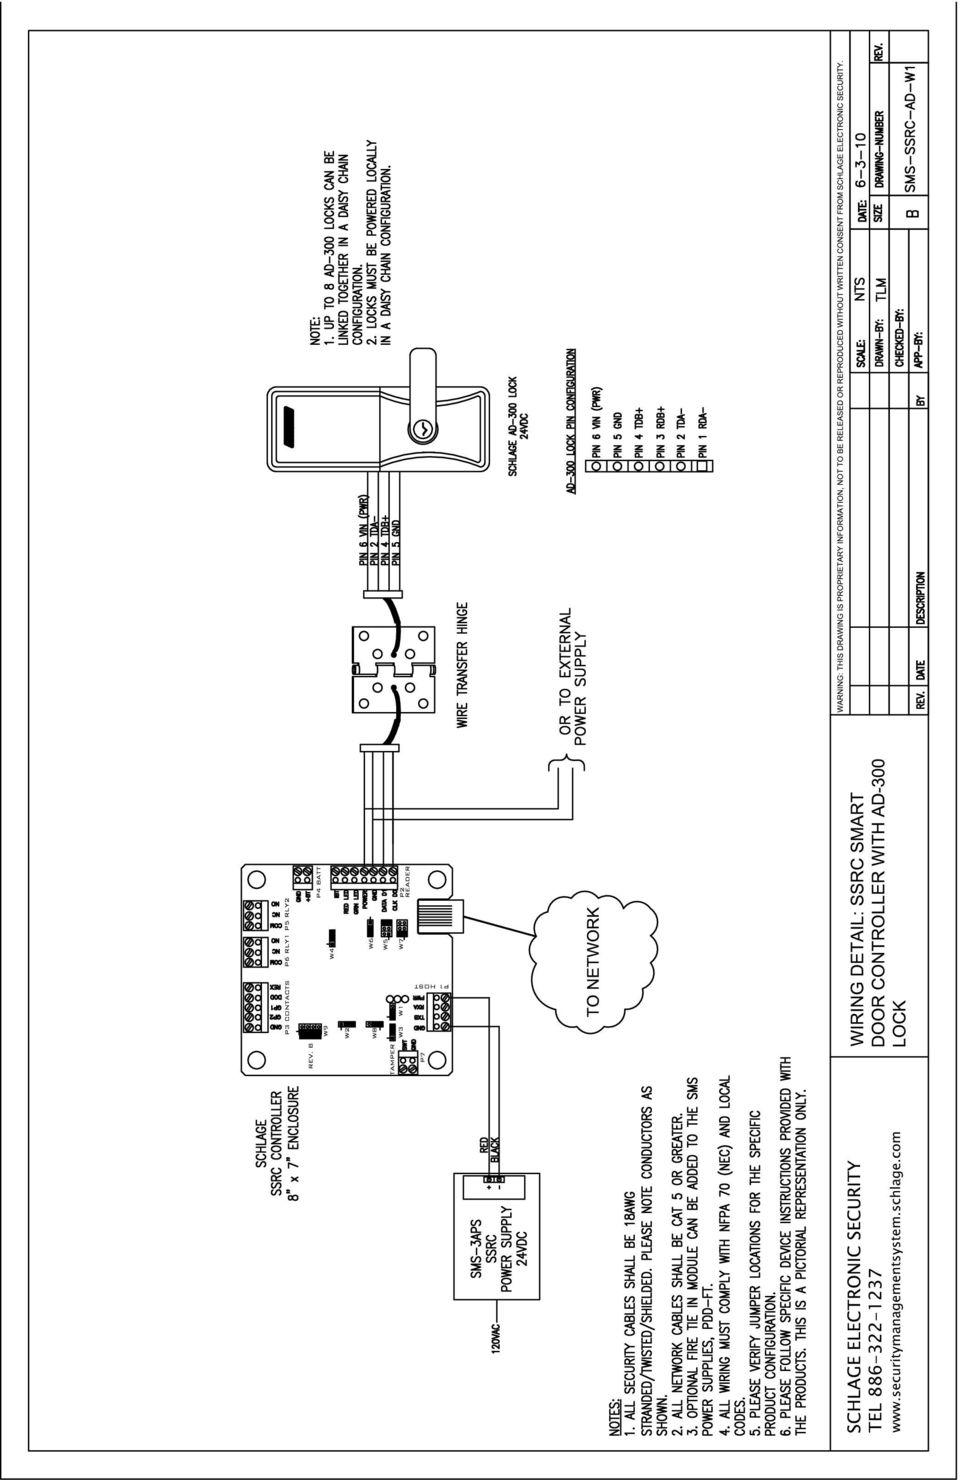 medium resolution of wiring schlage diagram 405xasrb wiring diagram article review schlage fa 900 wiring diagram wiring diagram autovehicleschlage